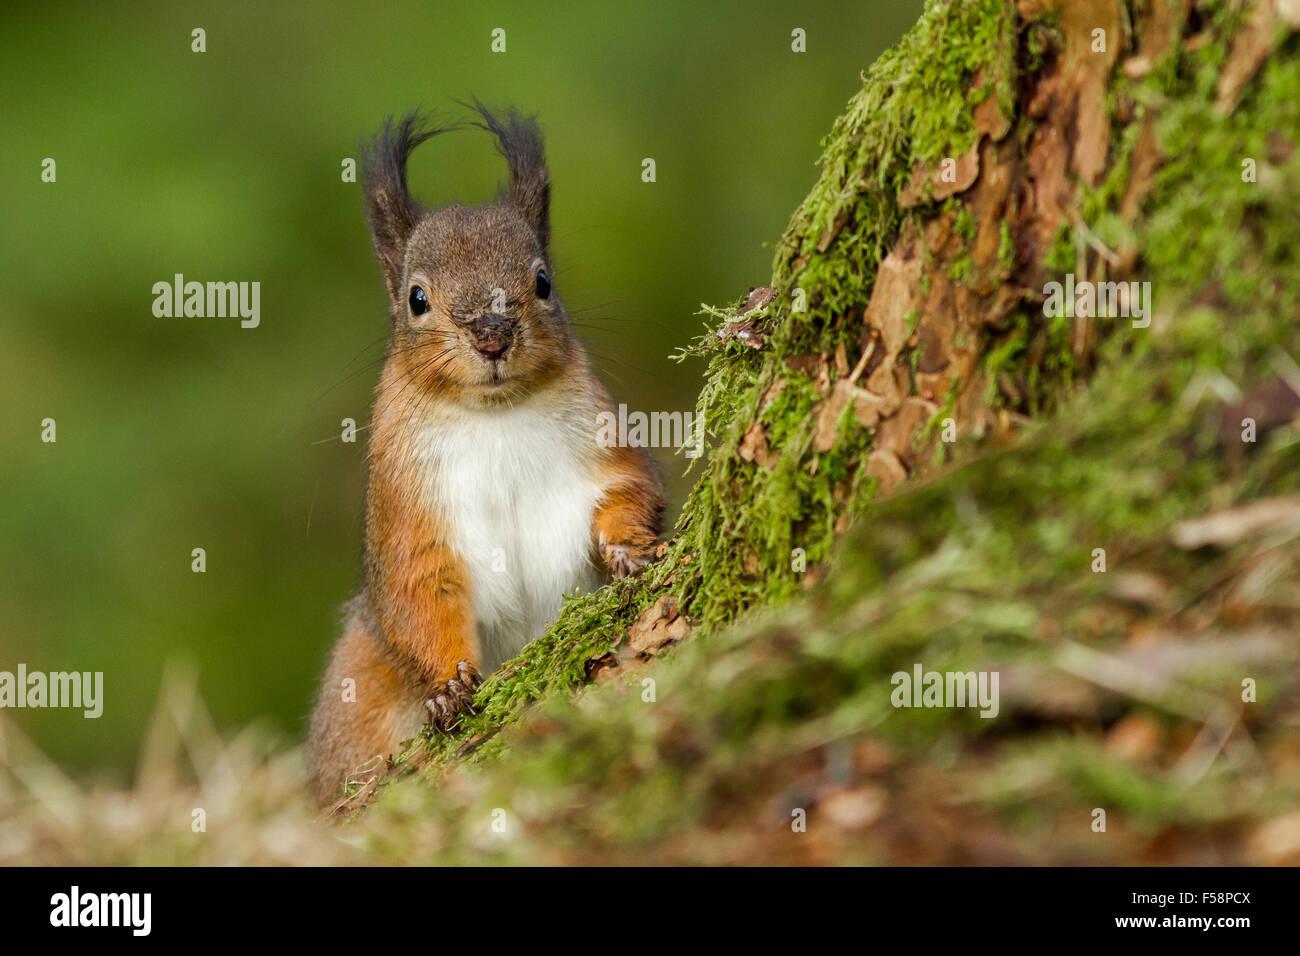 Nivel del suelo shot de una ardilla roja inquisitiva con orejas tufted asoma desde detrás de un árbol Imagen De Stock